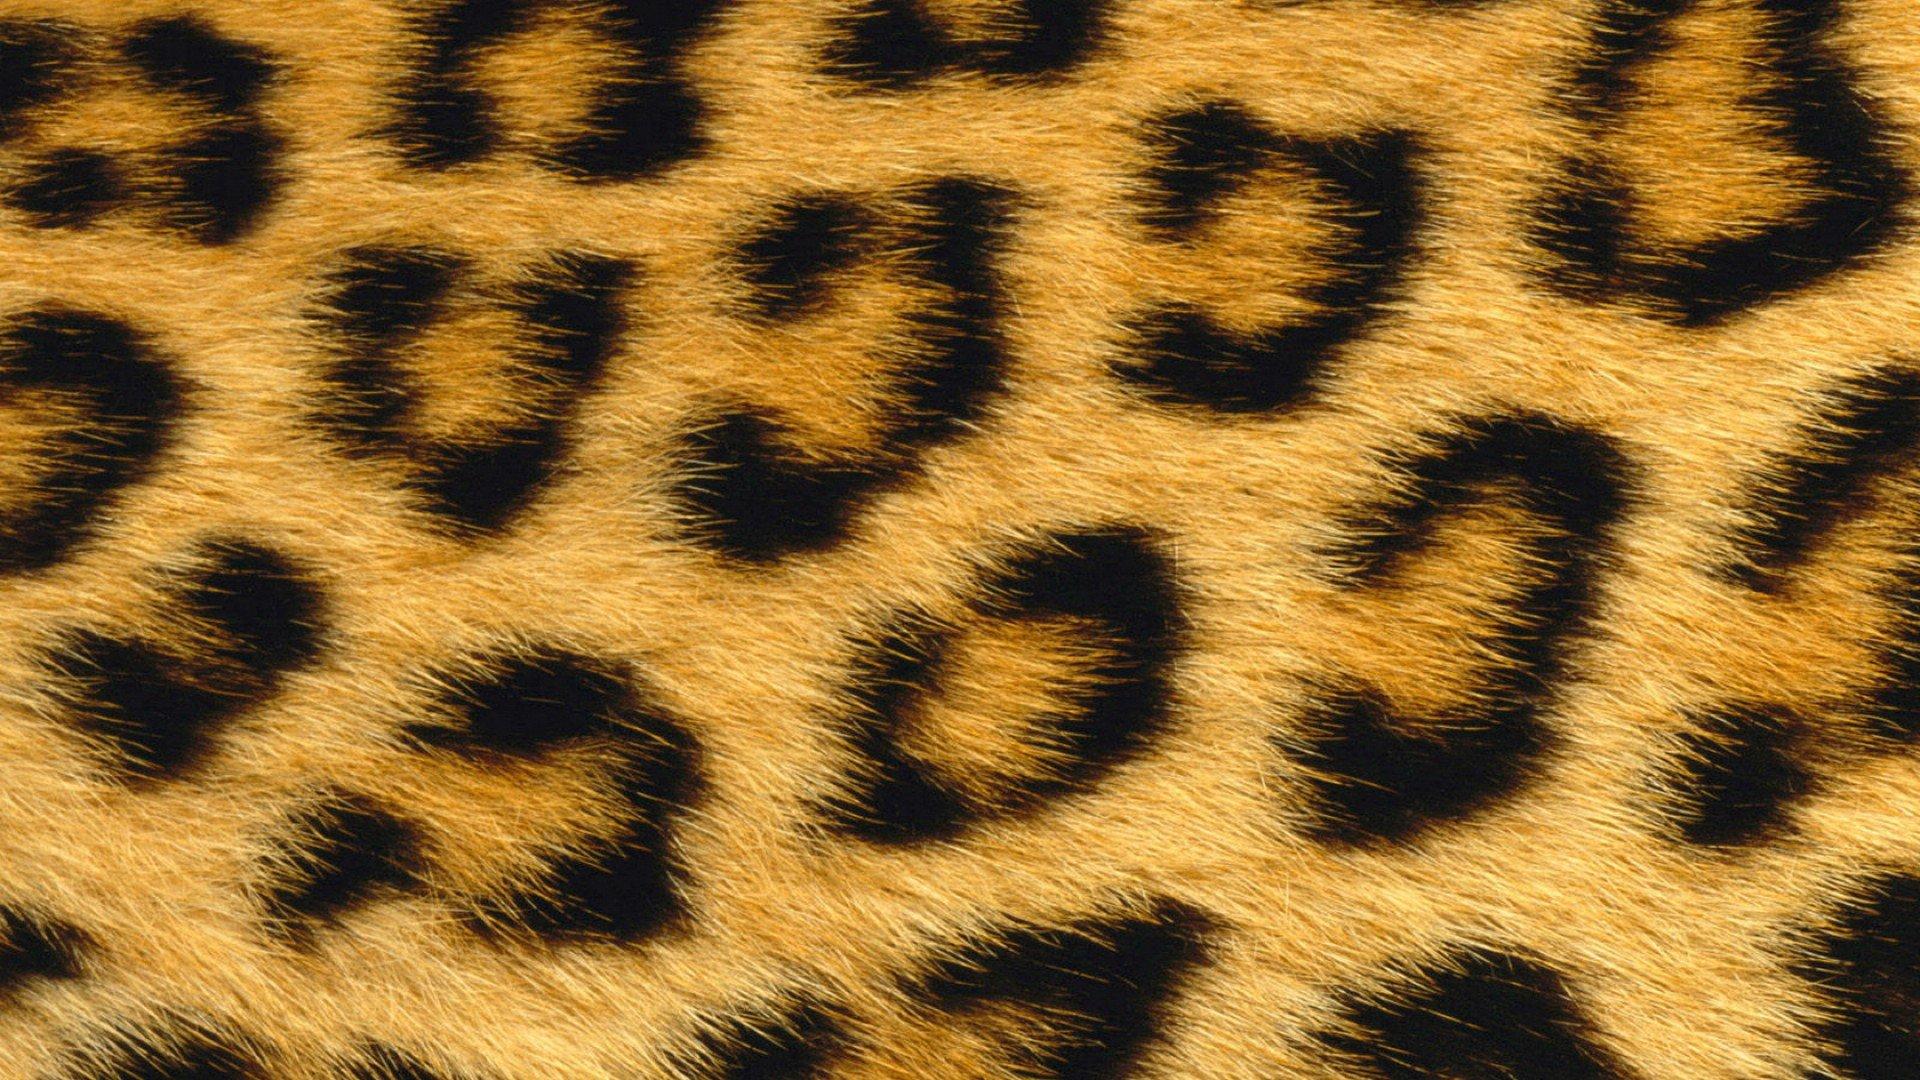 Leopard Print Wallpapers HD 1920x1080